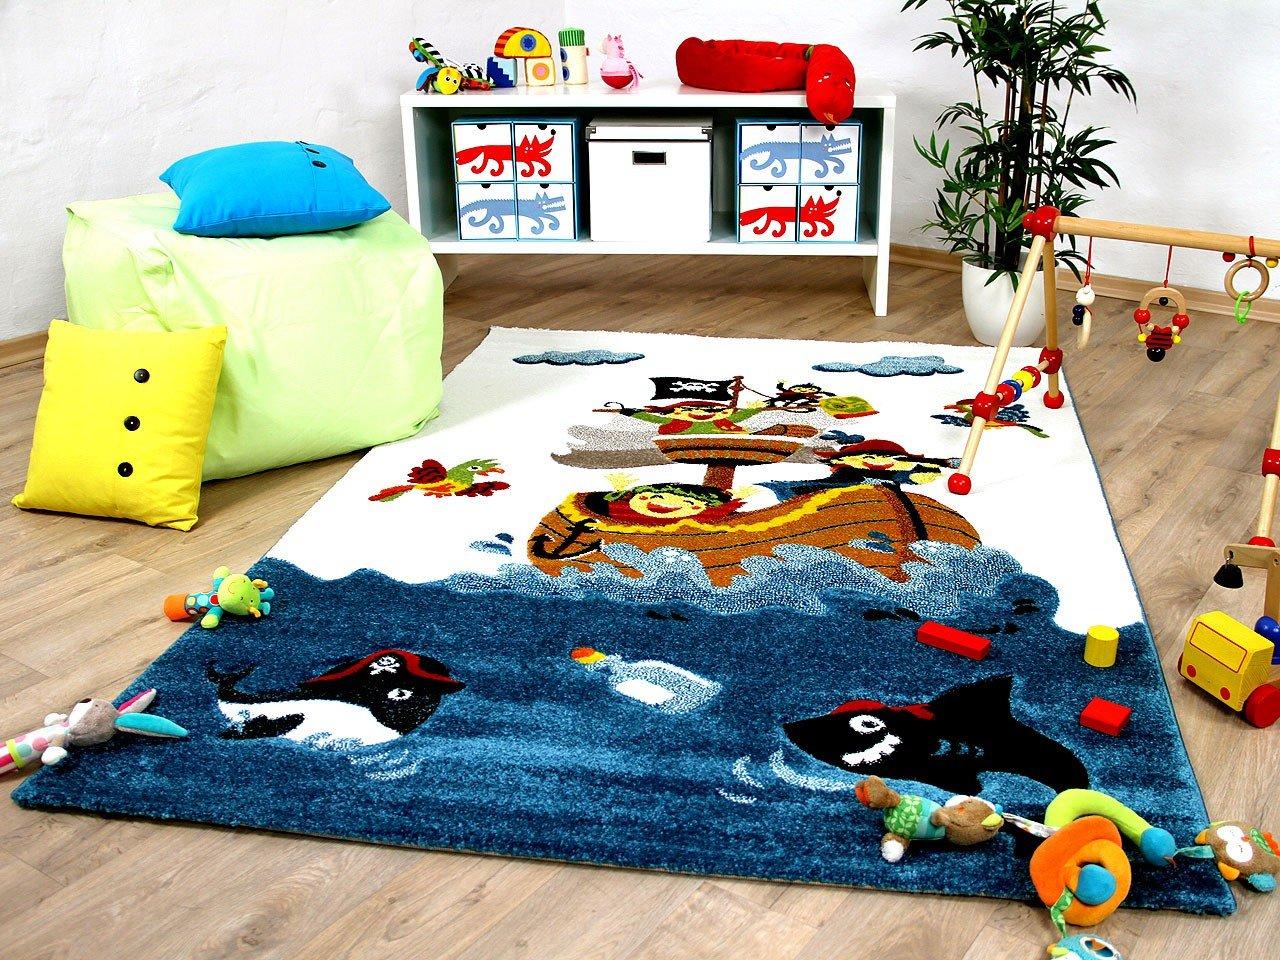 Maui Kids - Tapis pour enfant - motif bateau pirate bleu multicolore, Taille:140x200 cm